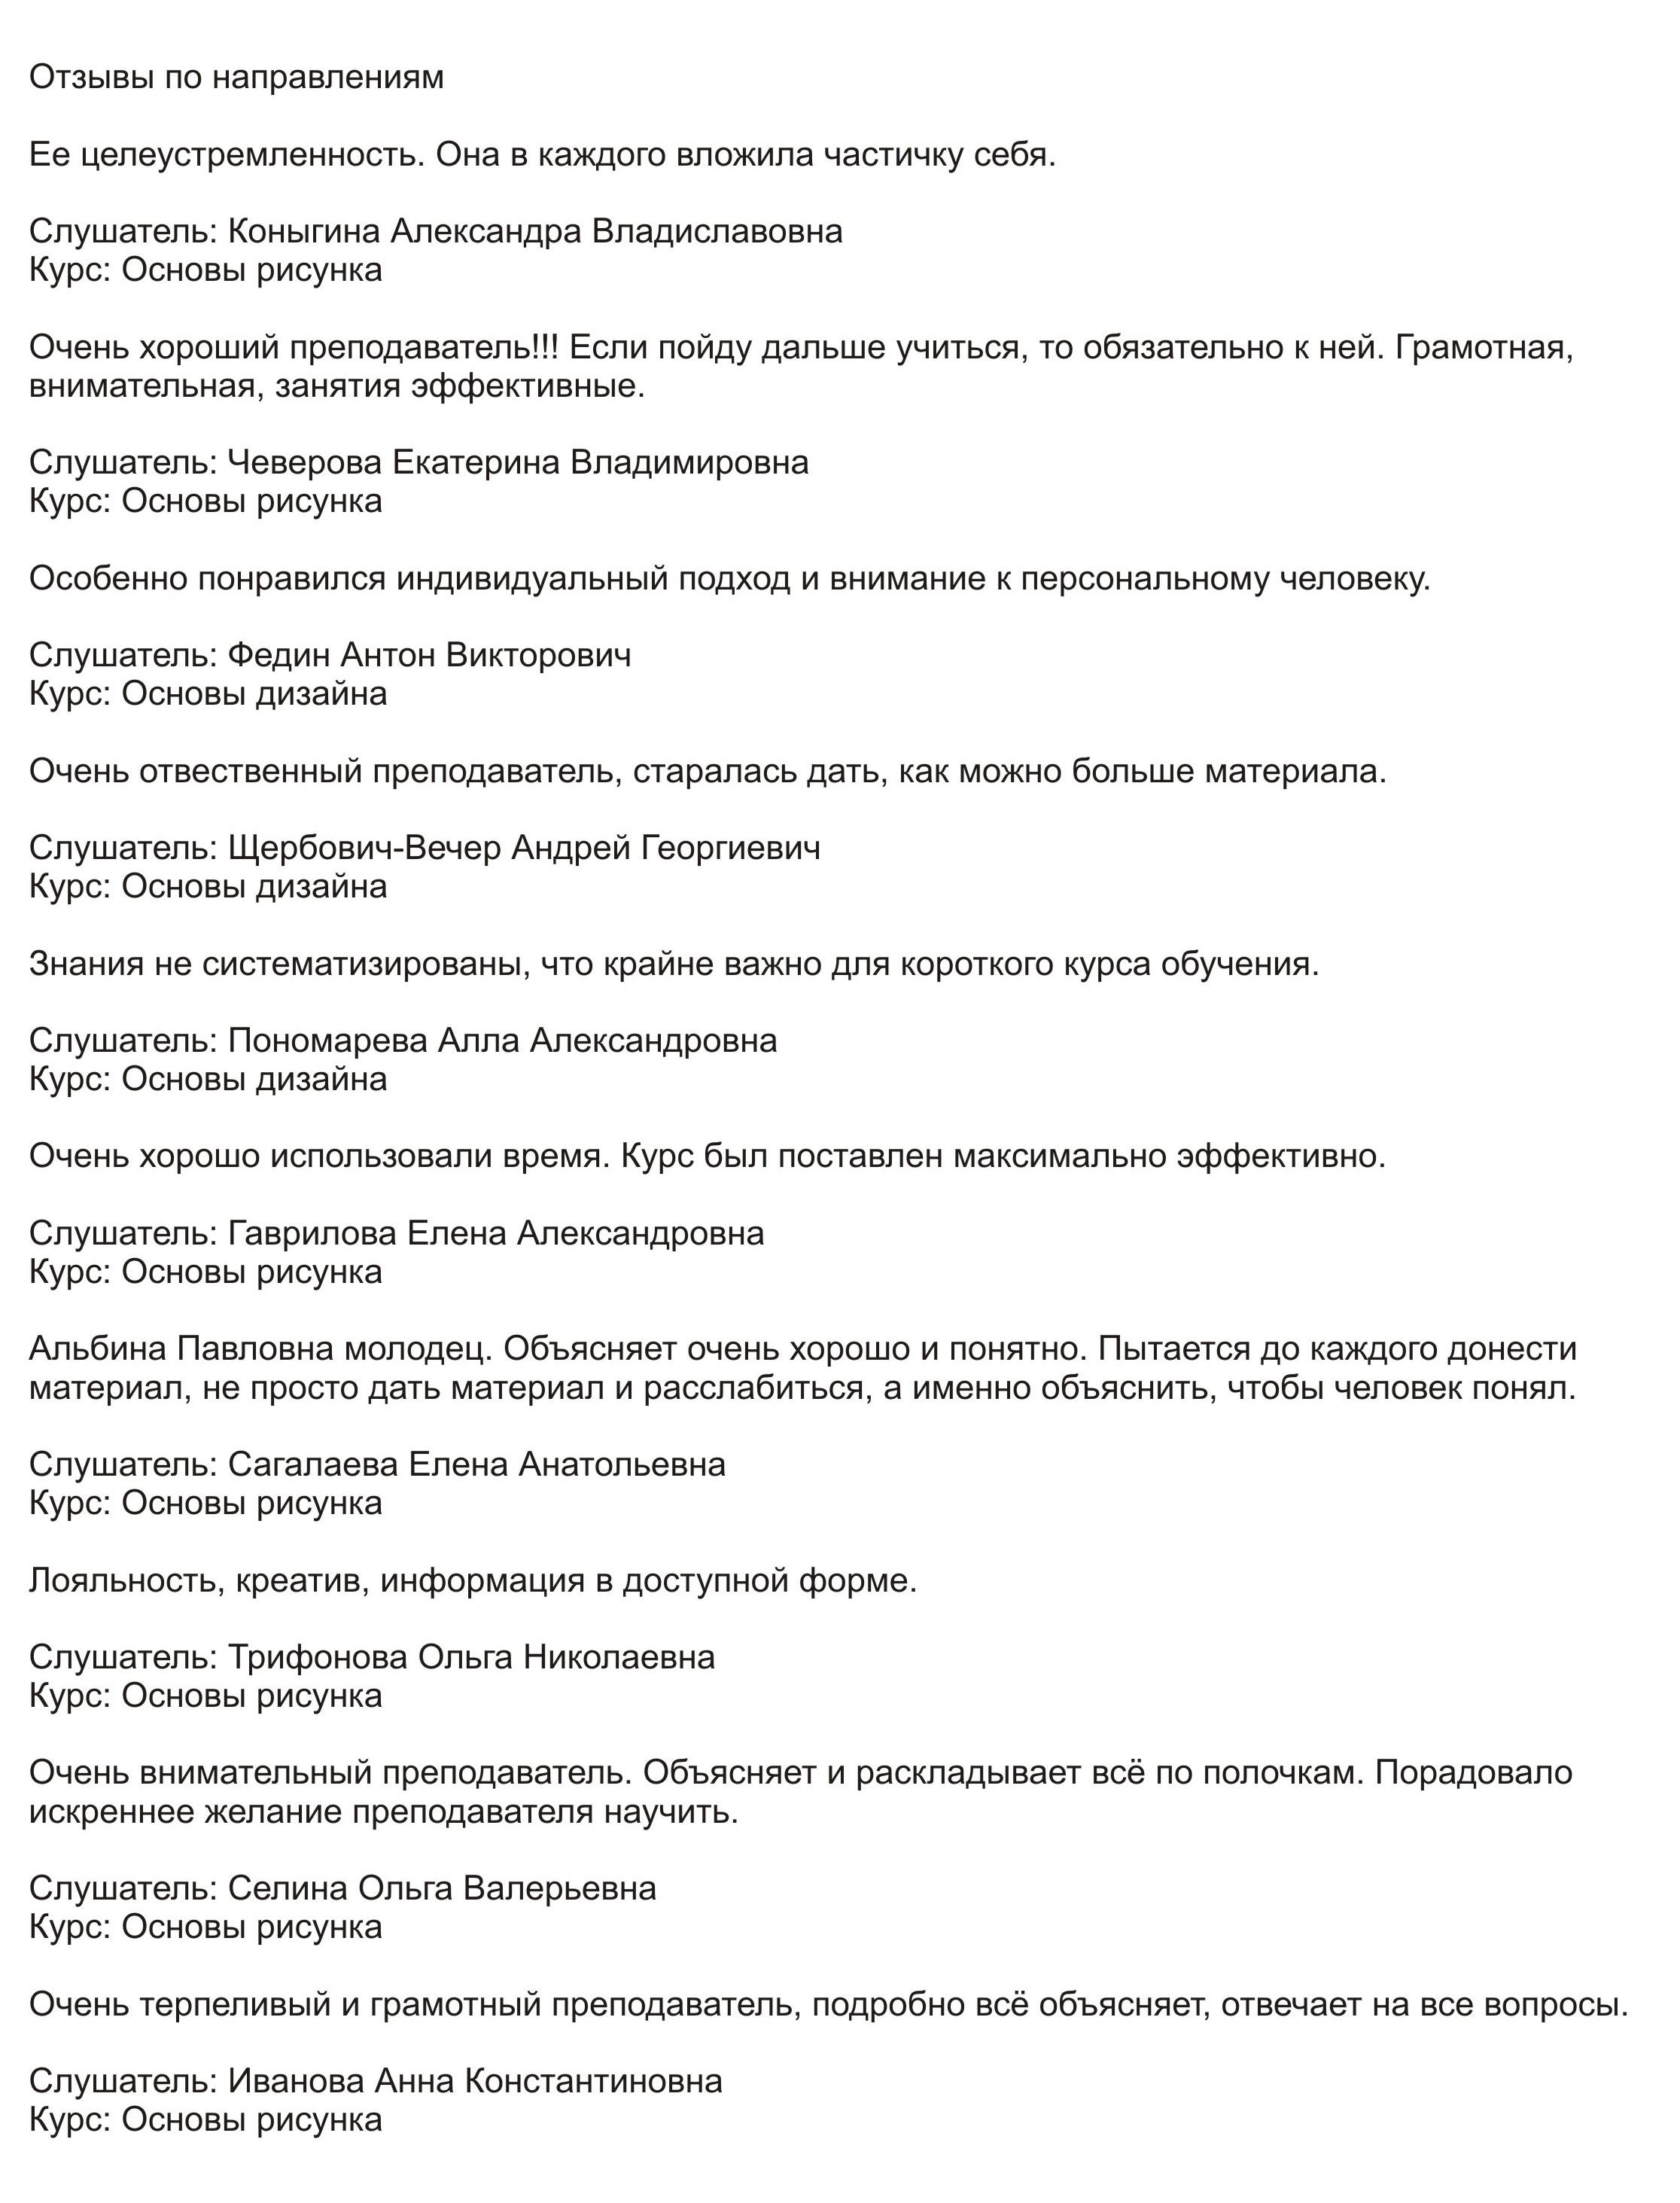 Отзывы об Альбине Павловне